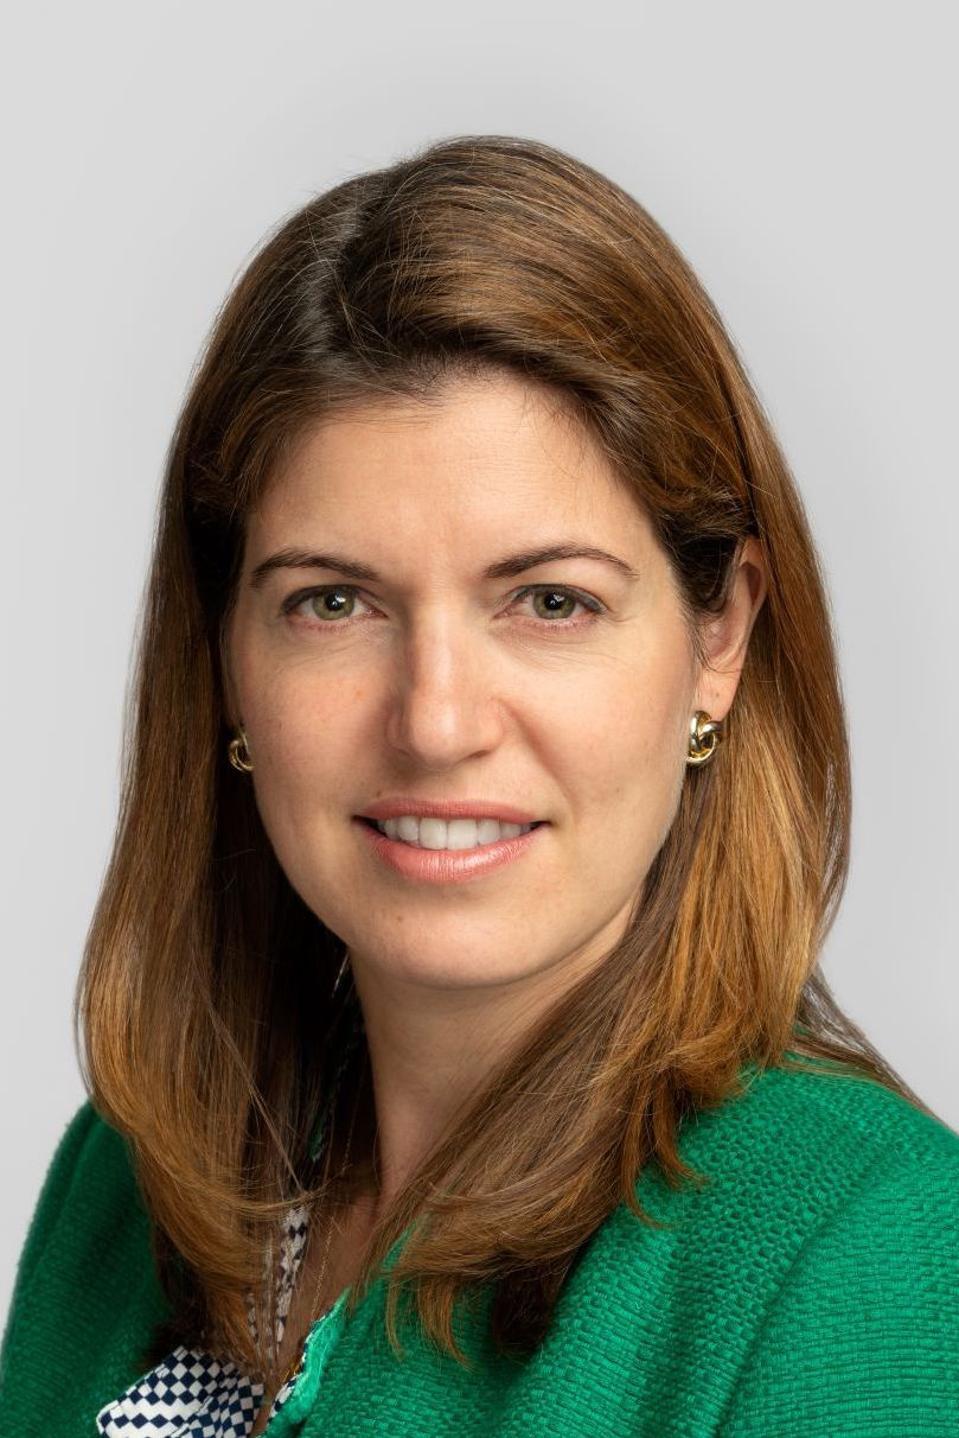 Nicole Neeman Brady, CEO and Director of SDAC